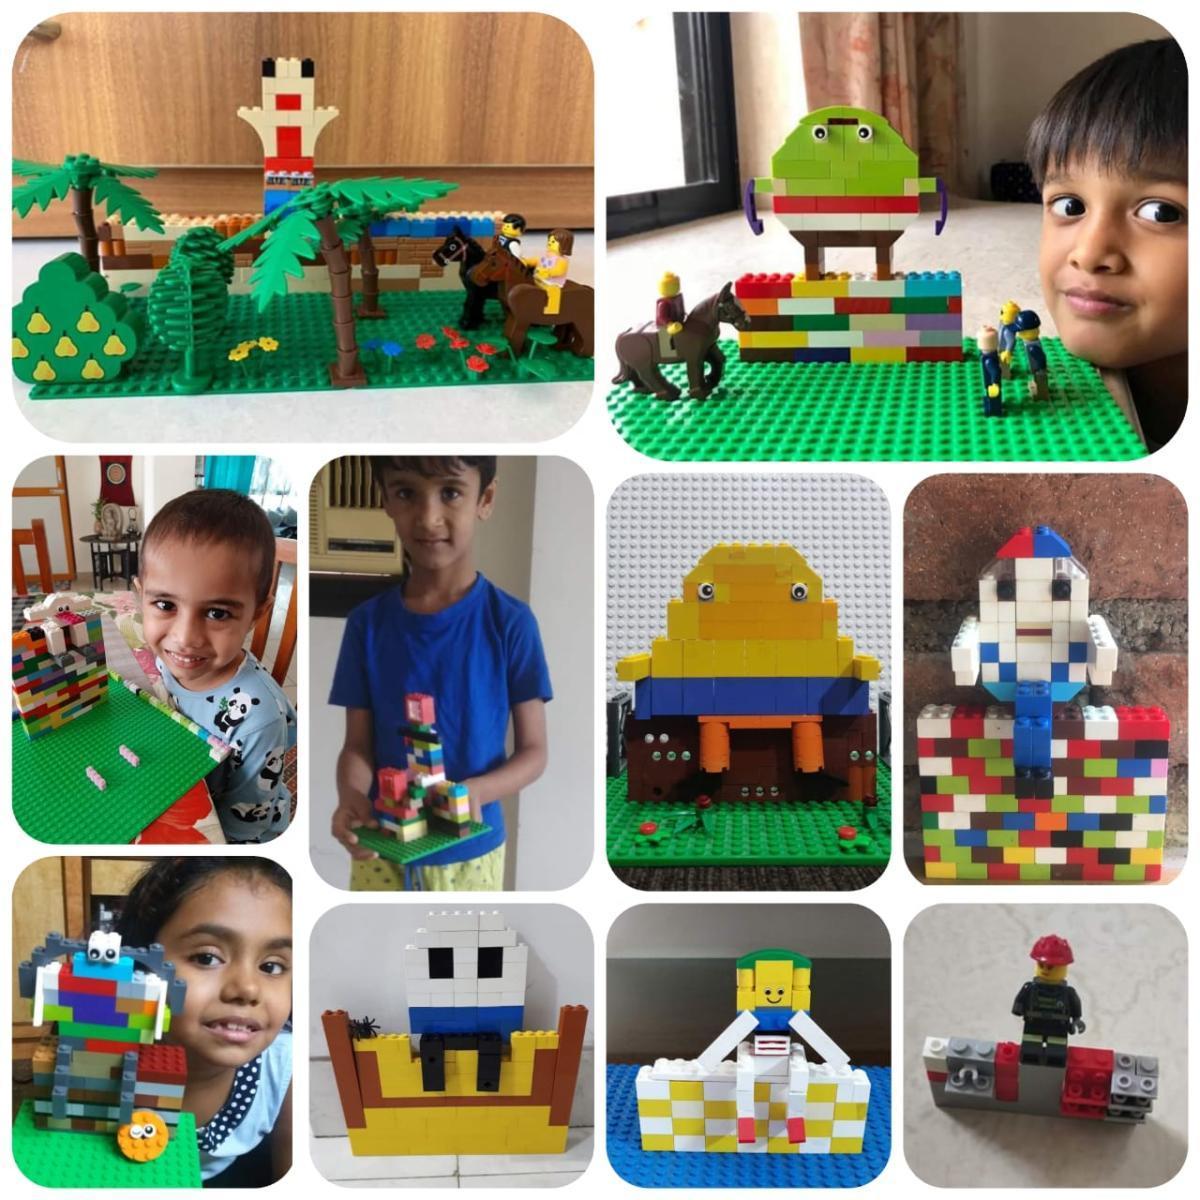 lego-india (1) (1) (1) (1) (1)